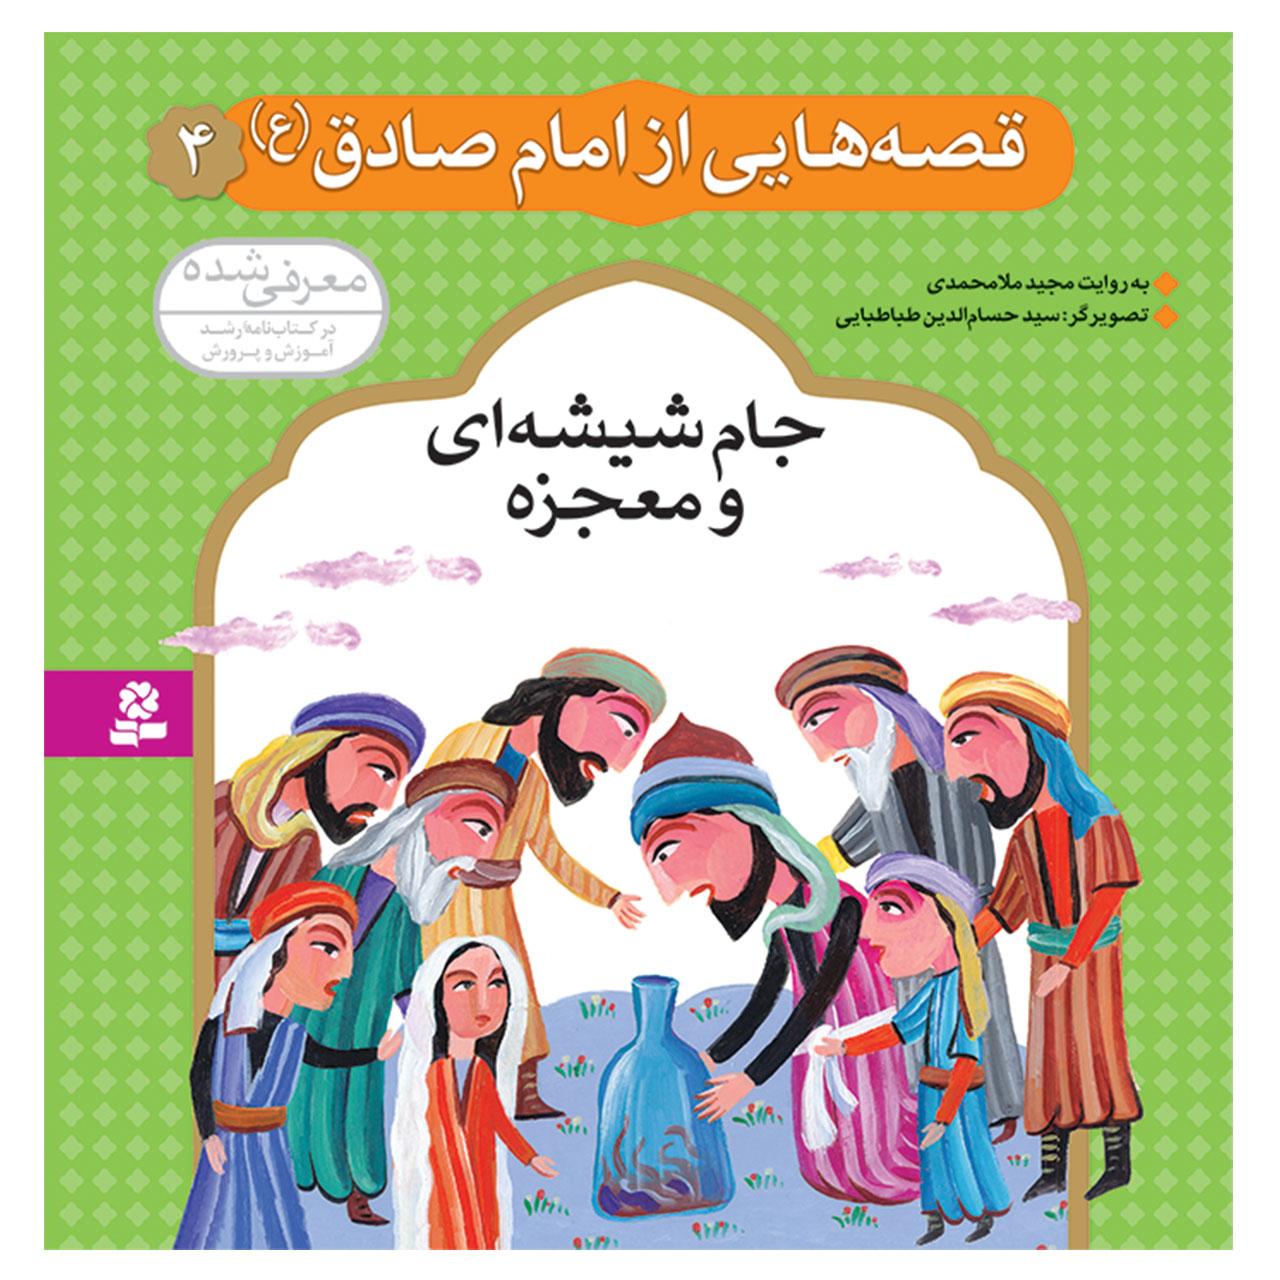 خرید                      کتاب قصه هایی از امام صادق (ع) 4 جام شیشه ای و معجزه اثر مجید ملامحمدی انتشارات قدیانی